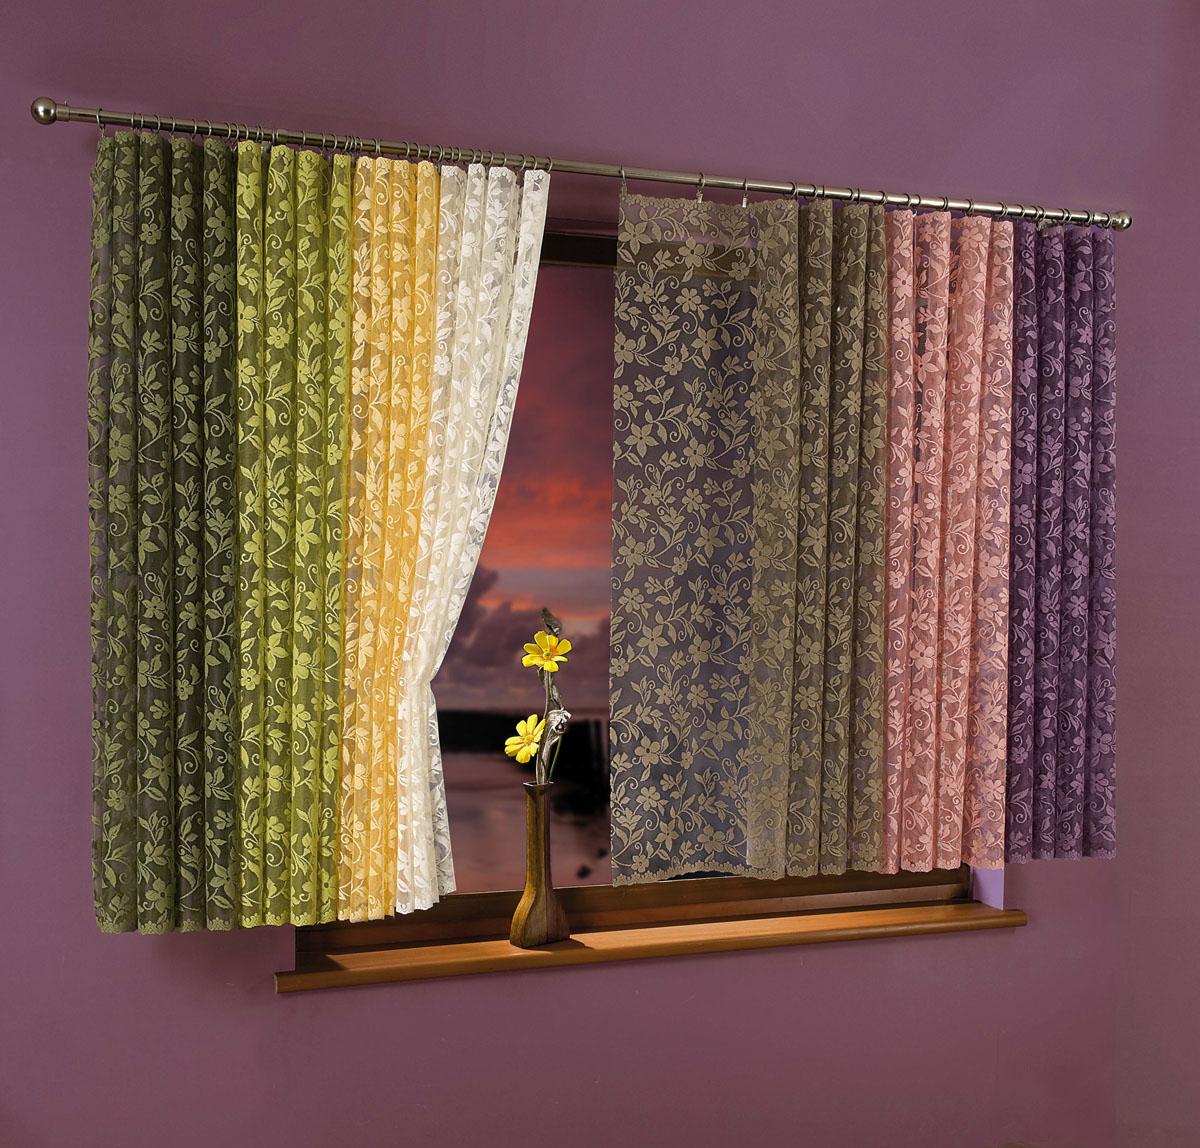 Гардина-тюль Kwiat Jabloni, на ленте, цвет: фиолетовый, высота 250 см734962Воздушная гардина-тюль Kwiat Jabloni, изготовленная из полиэстера фиолетового цвета, станет великолепным украшением любого окна. Тонкое плетение, оригинальный дизайн и приятная цветовая гамма привлекут к себе внимание и органично впишутся в интерьер комнаты. В гардину-тюль вшита шторная лента. Характеристики: Материал: 100% полиэстер. Цвет: фиолетовый. Размер упаковки: 27 см х 36 см х 3 см. Артикул: 734962. В комплект входит: Гардина-тюль - 1 шт. Размер (Ш х В): 150 см х 250 см. Фирма Wisan на польском рынке существует уже более пятидесяти лет и является одной из лучших польских фабрик по производству штор и тканей. Ассортимент фирмы представлен готовыми комплектами штор для гостиной, детской, кухни, а также текстилем для кухни (скатерти, салфетки, дорожки, кухонные занавески). Модельный ряд отличает оригинальный дизайн, высокое качество. Ассортимент продукции постоянно пополняется. УВАЖАЕМЫЕ КЛИЕНТЫ! ...